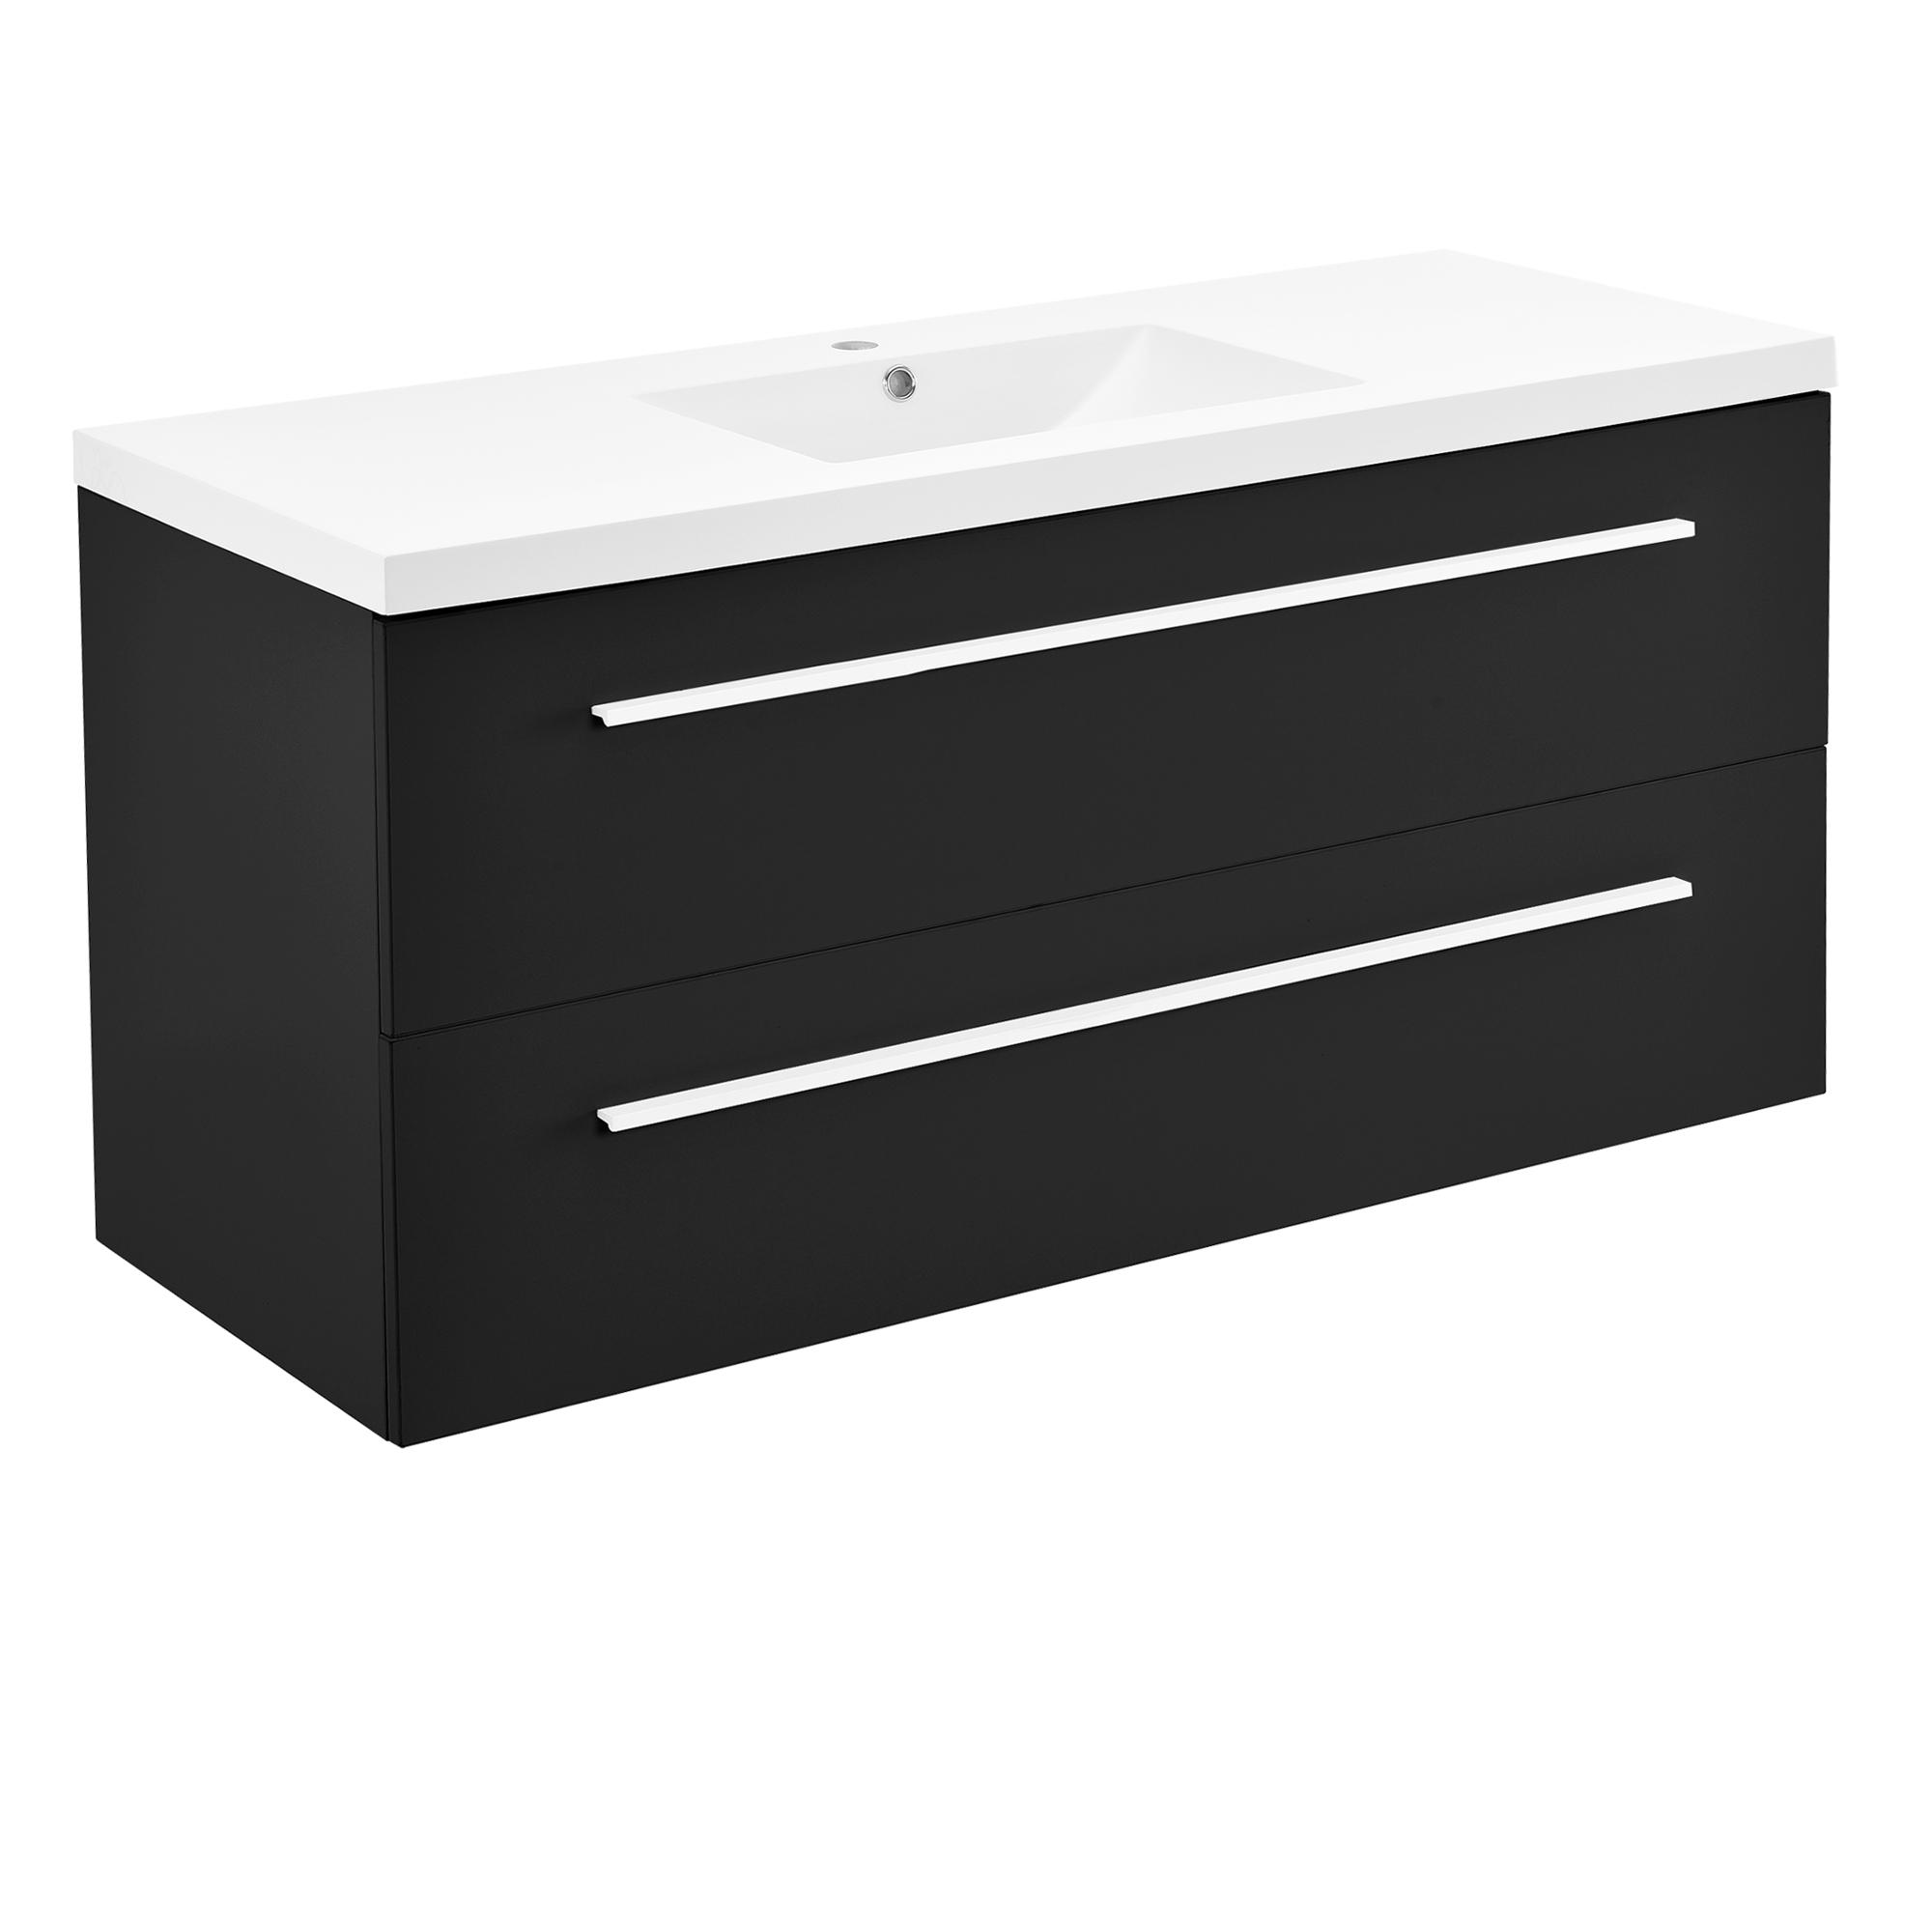 Neuhaus armoire de salle bain meuble dessous lavabo noir for Lavabo noir salle de bain